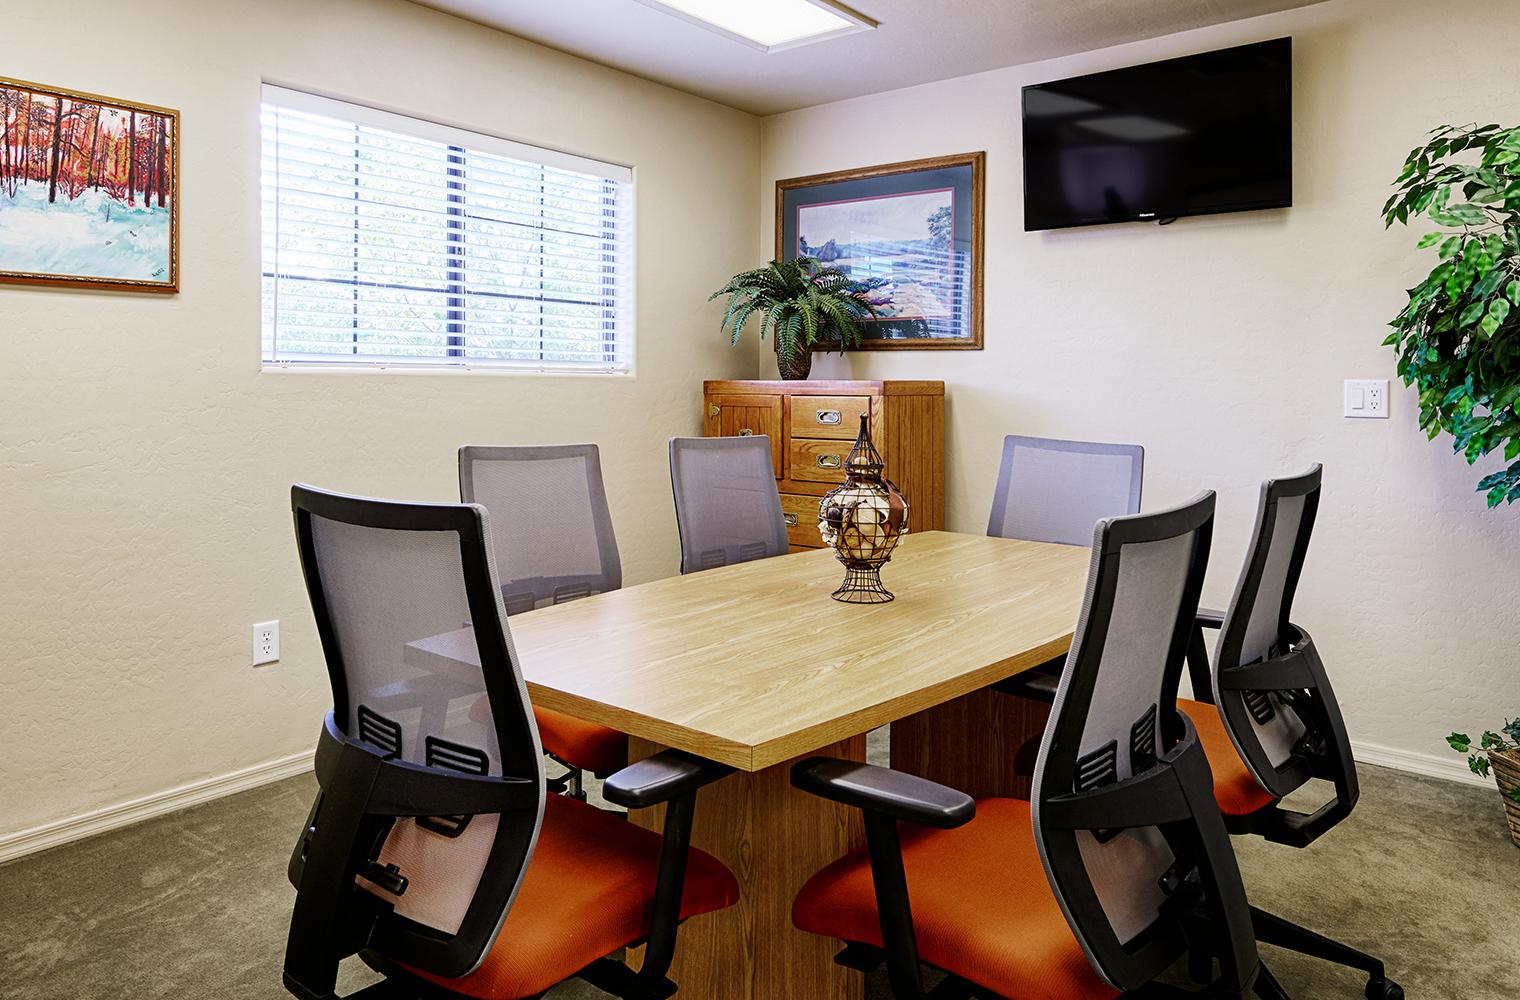 Meeting_Room_NorthStar_Crop.jpg